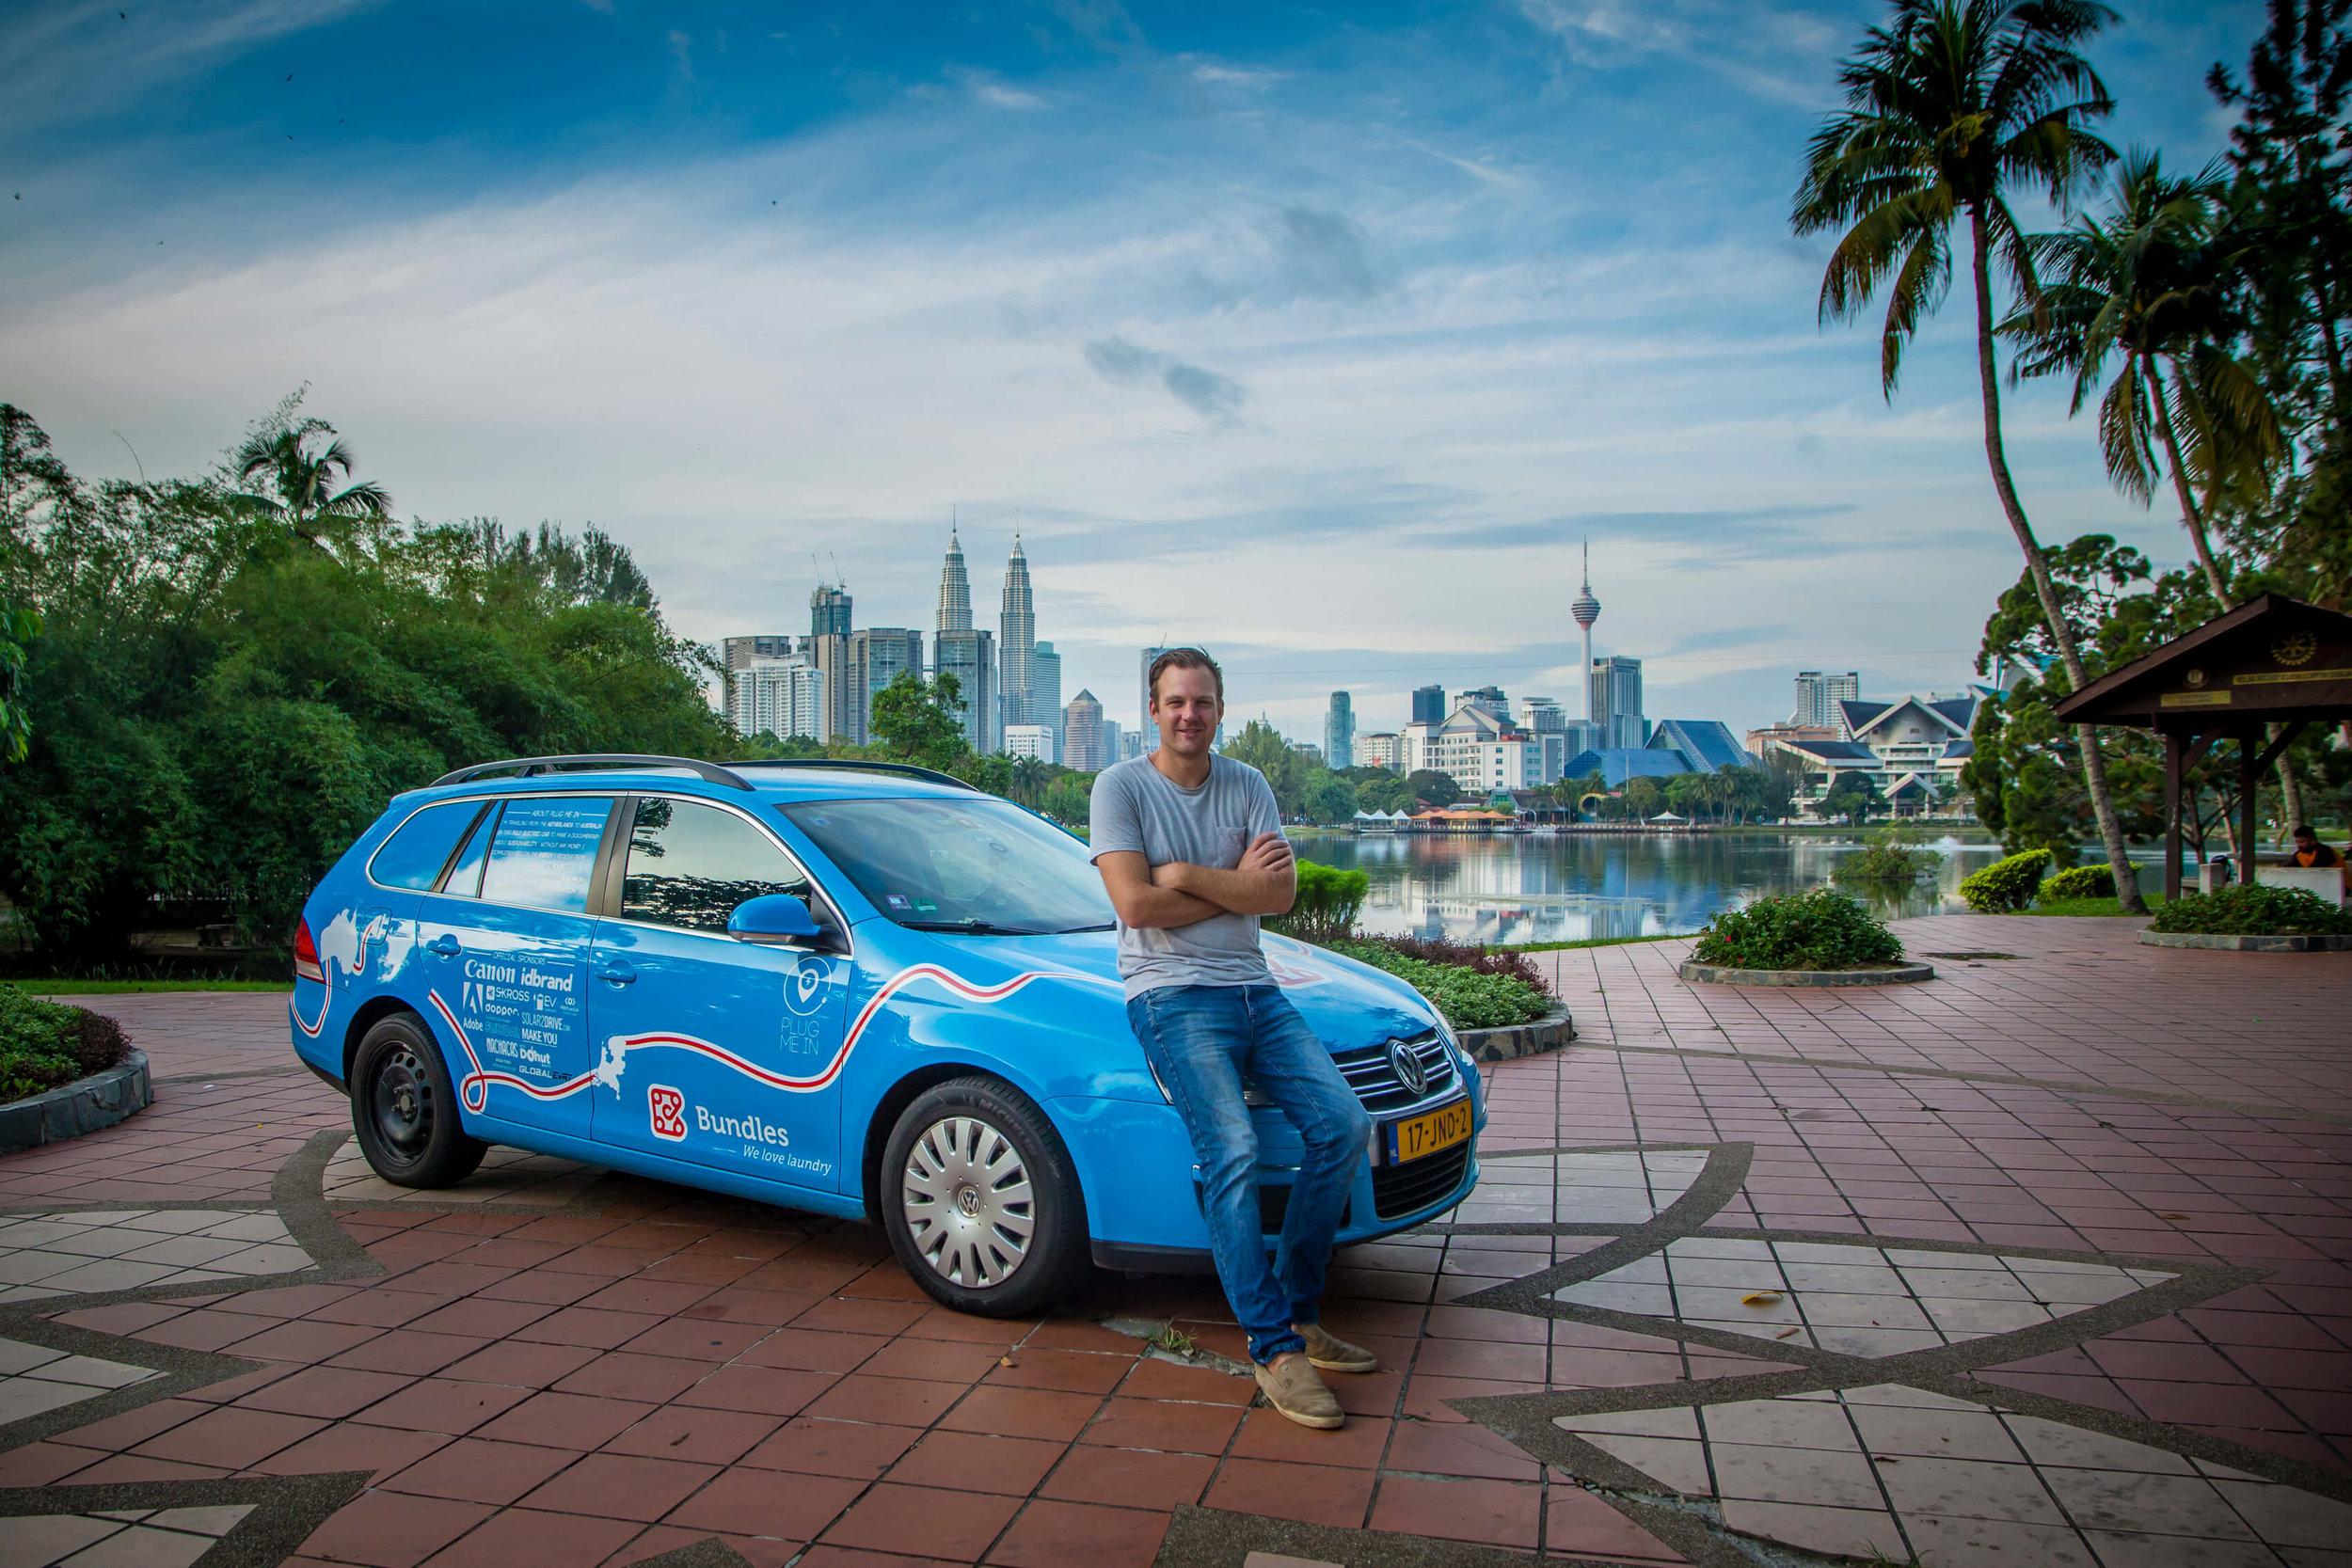 """Chiếc xe điện mang tên """"The Blue Bandit"""" là bạn đồng hành của Wiebe suốt chuyến đi."""